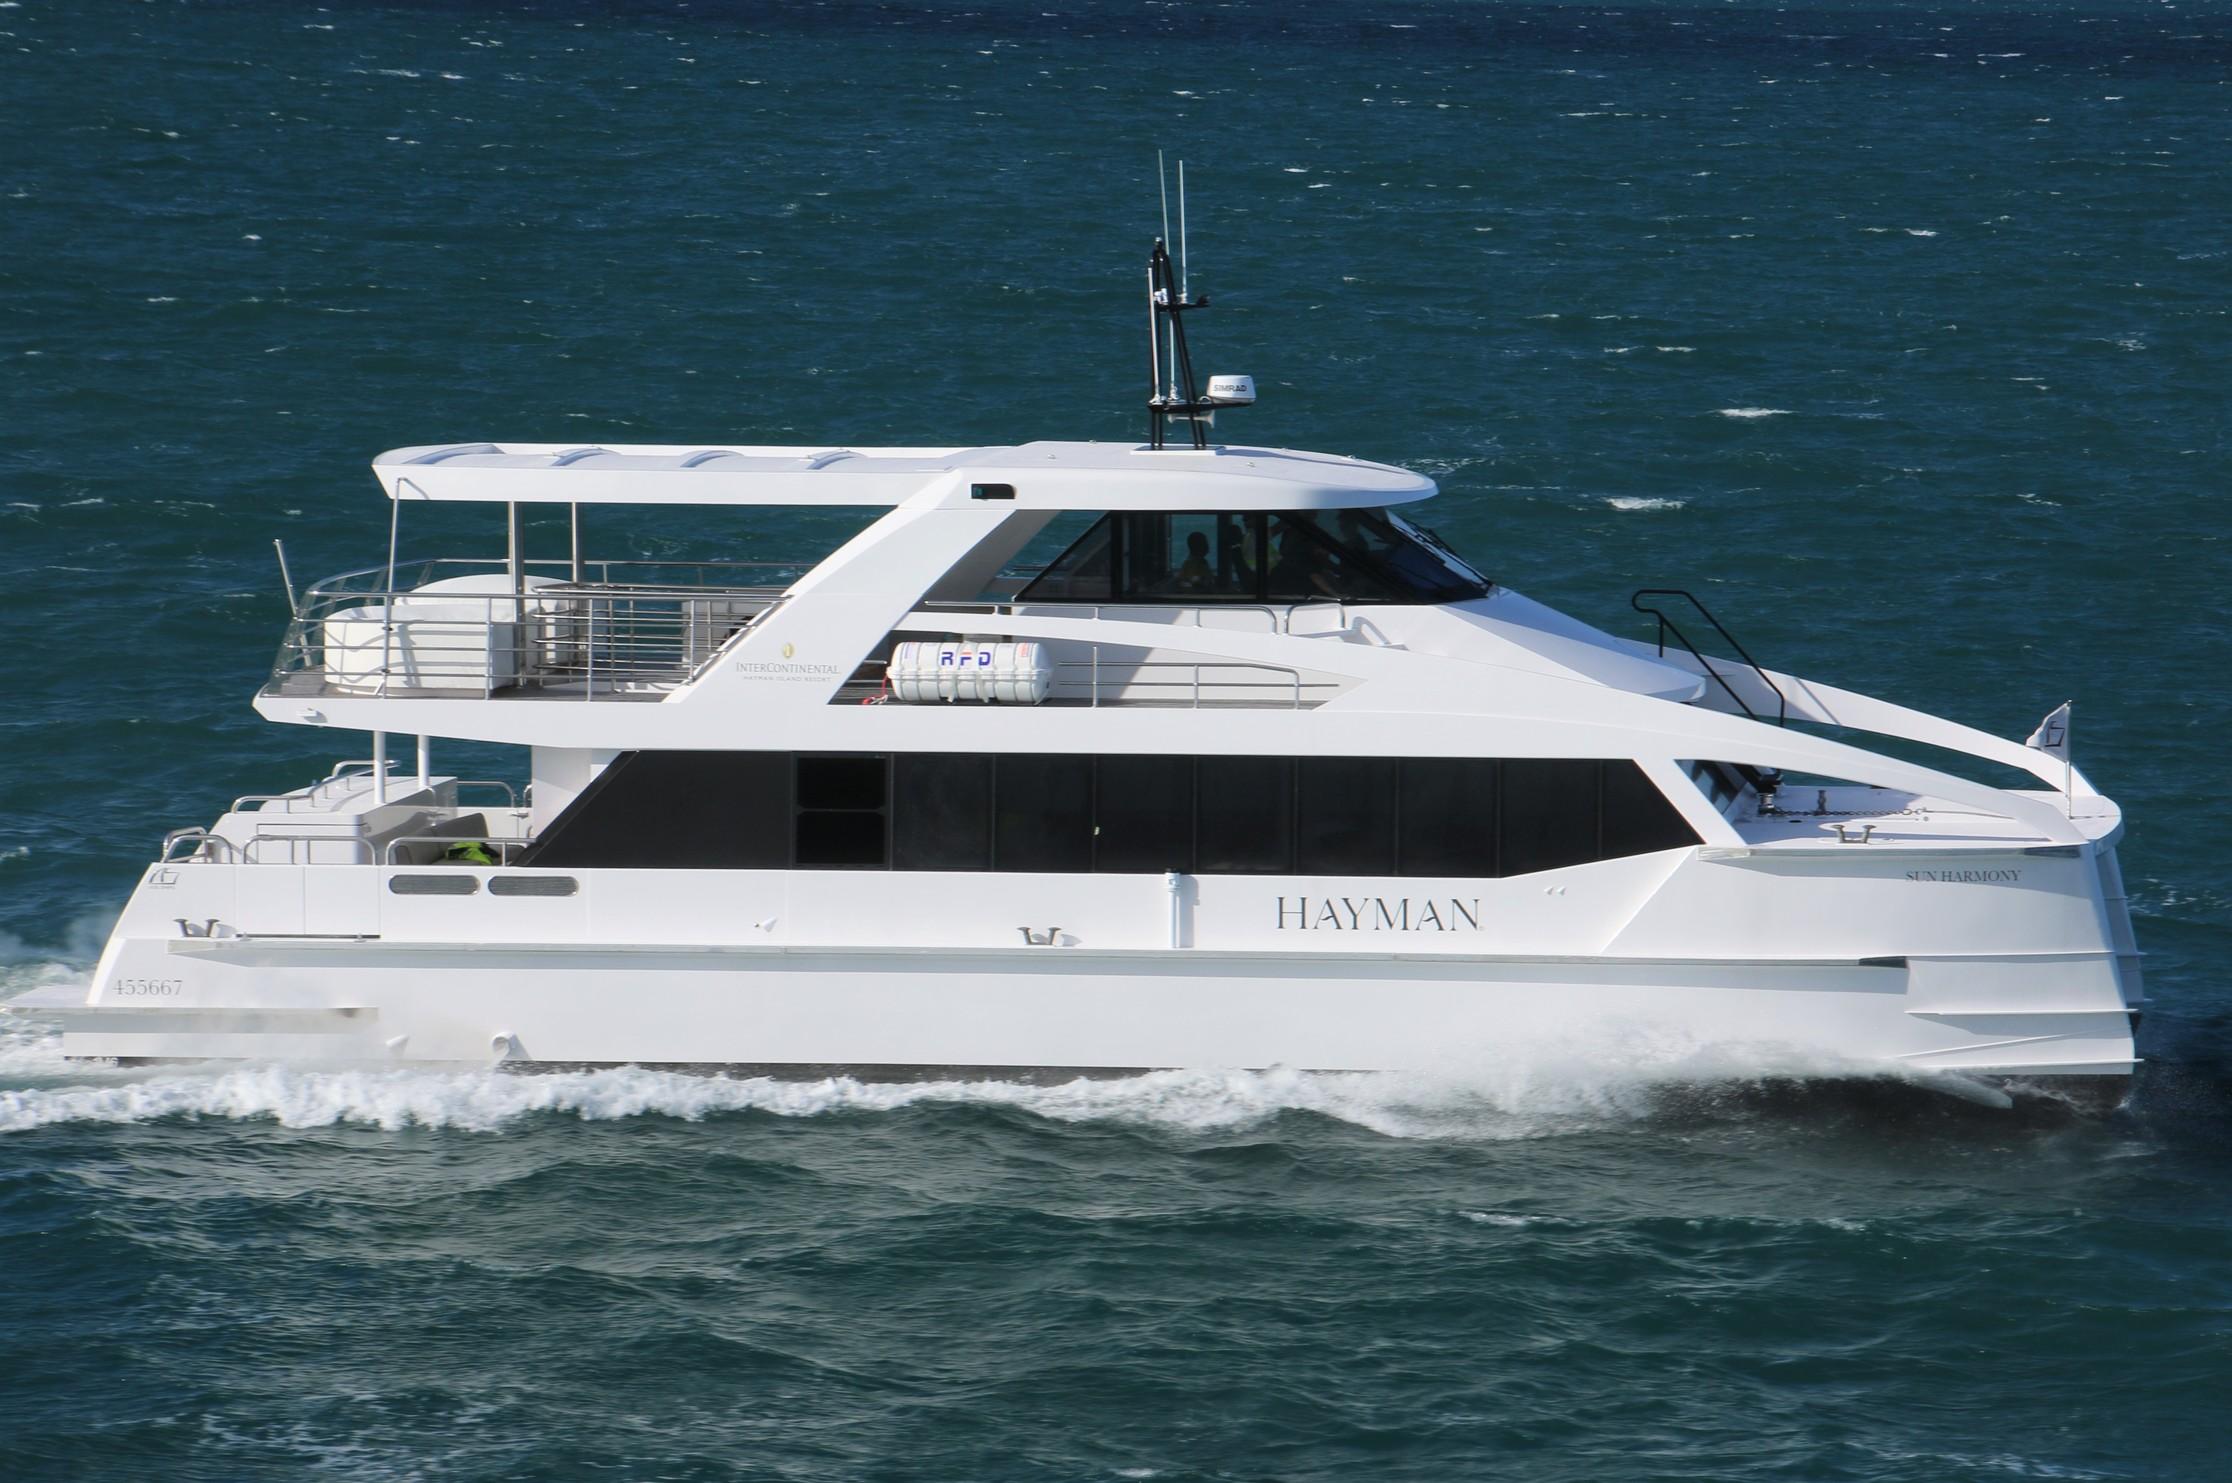 luxury ferry in waves